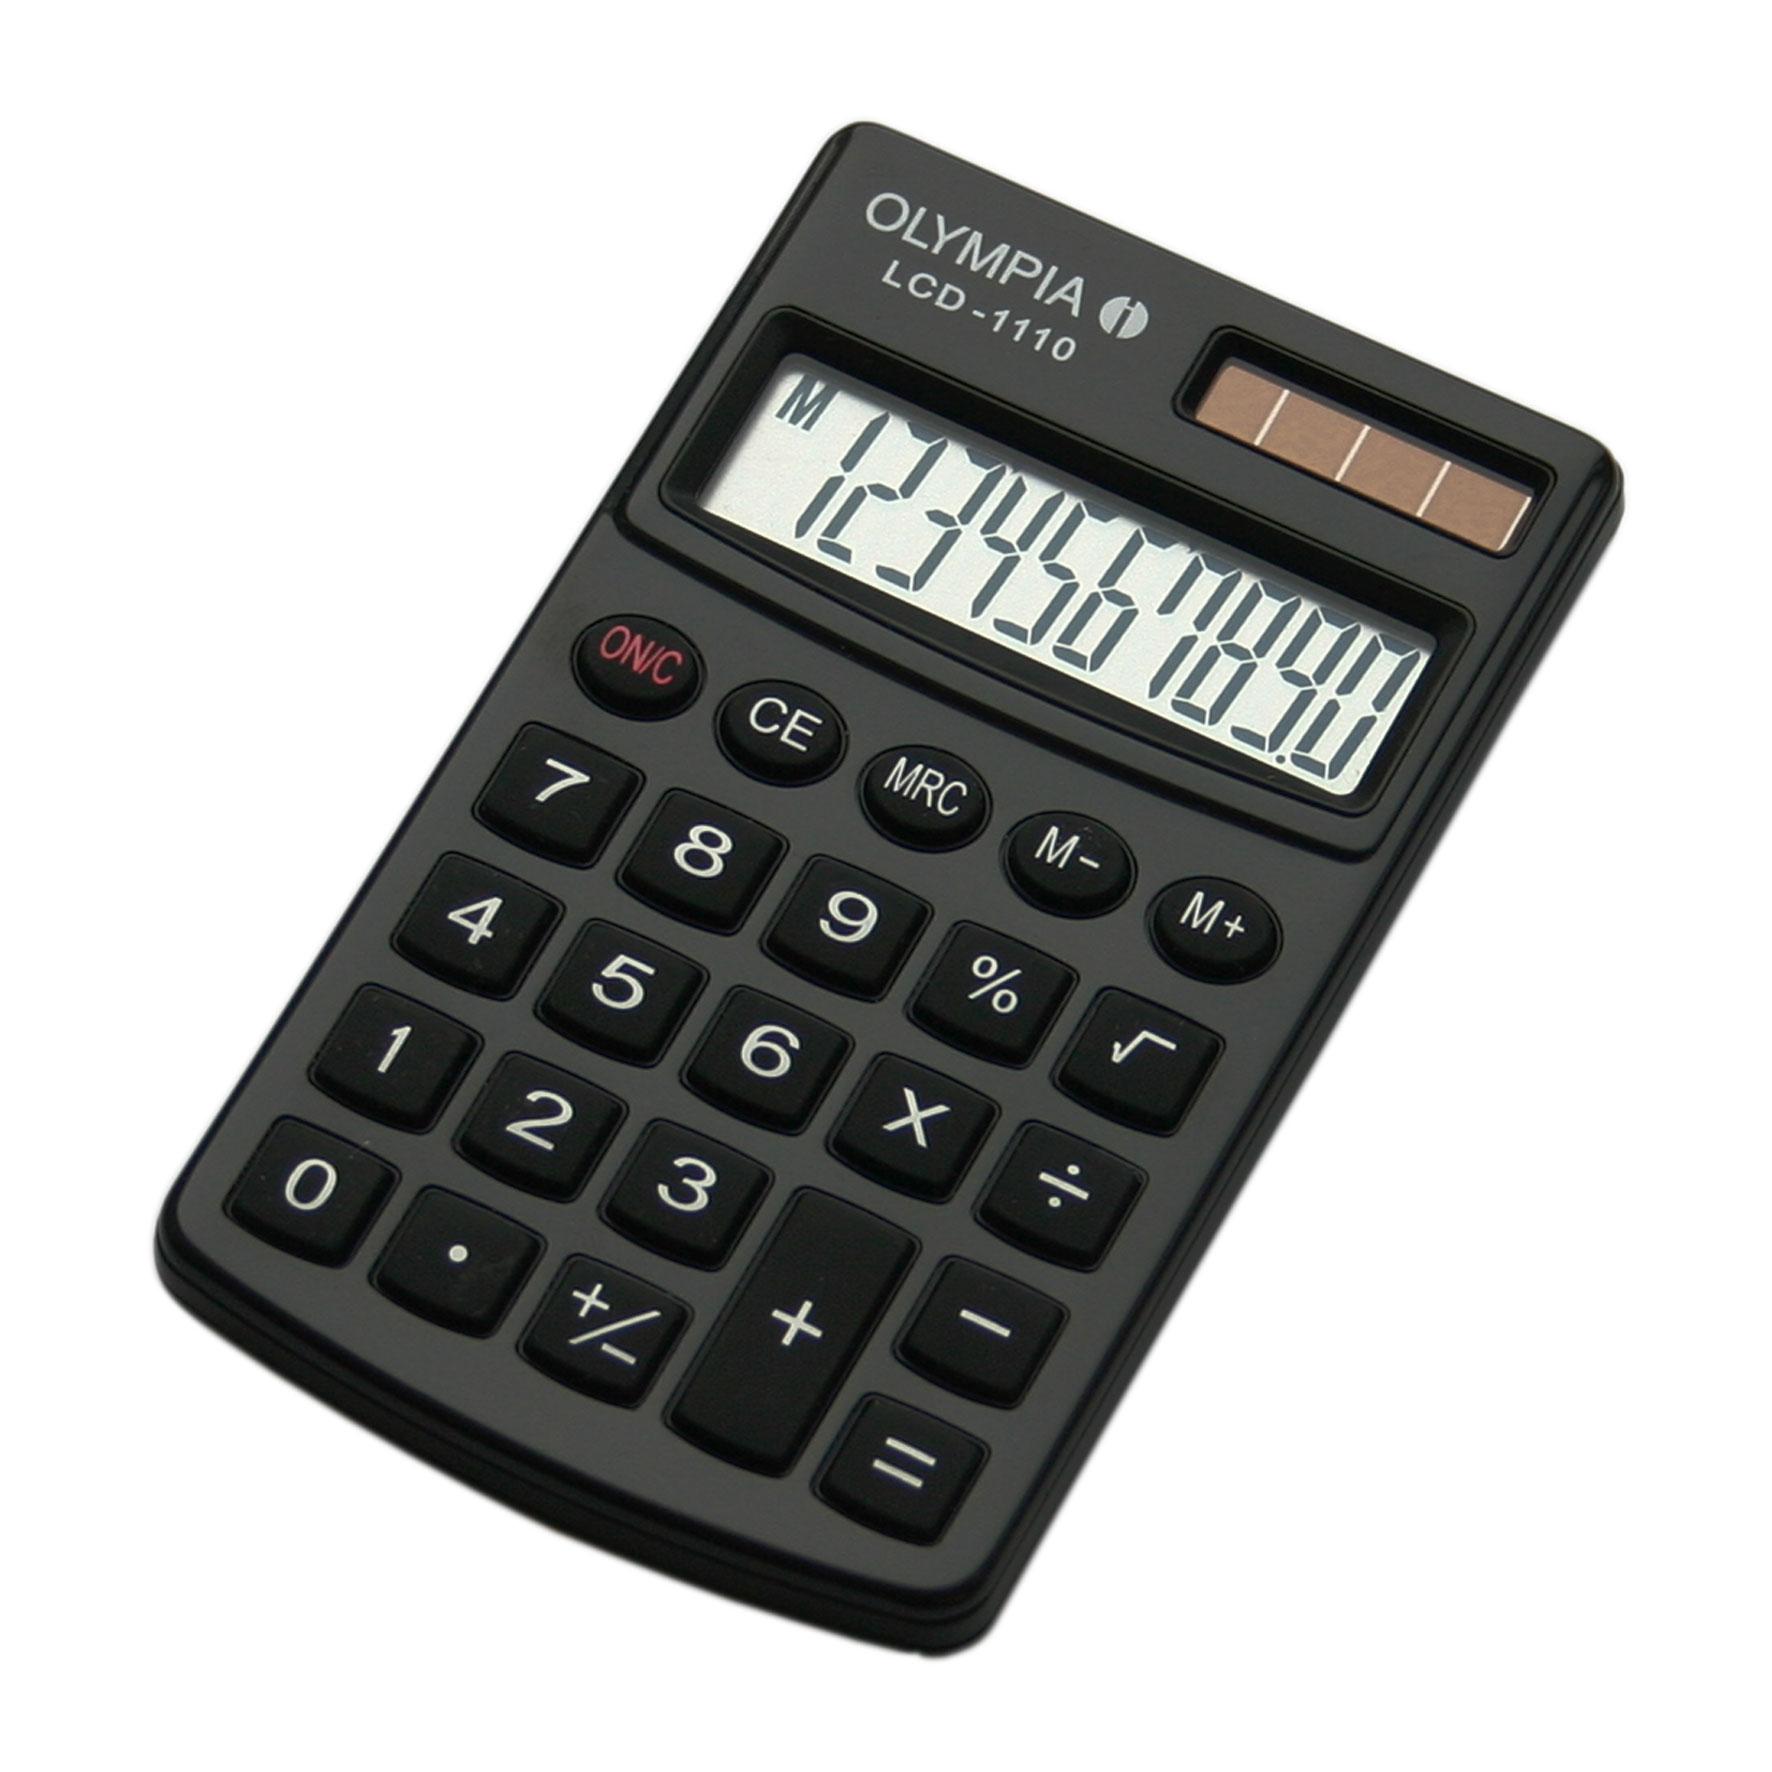 Olympia LCD 1110 - Tasche - Einfacher Taschenrechner - 10 Ziffern - 1 Zeilen - Schwarz